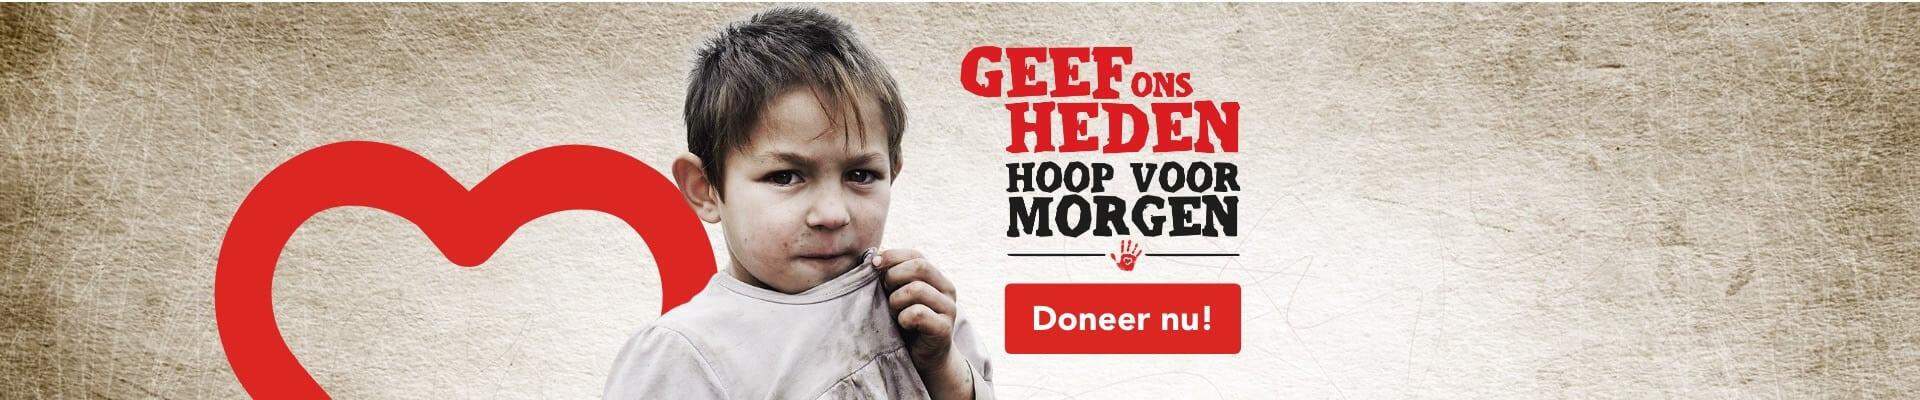 Meer informatie over onze huidige campagne